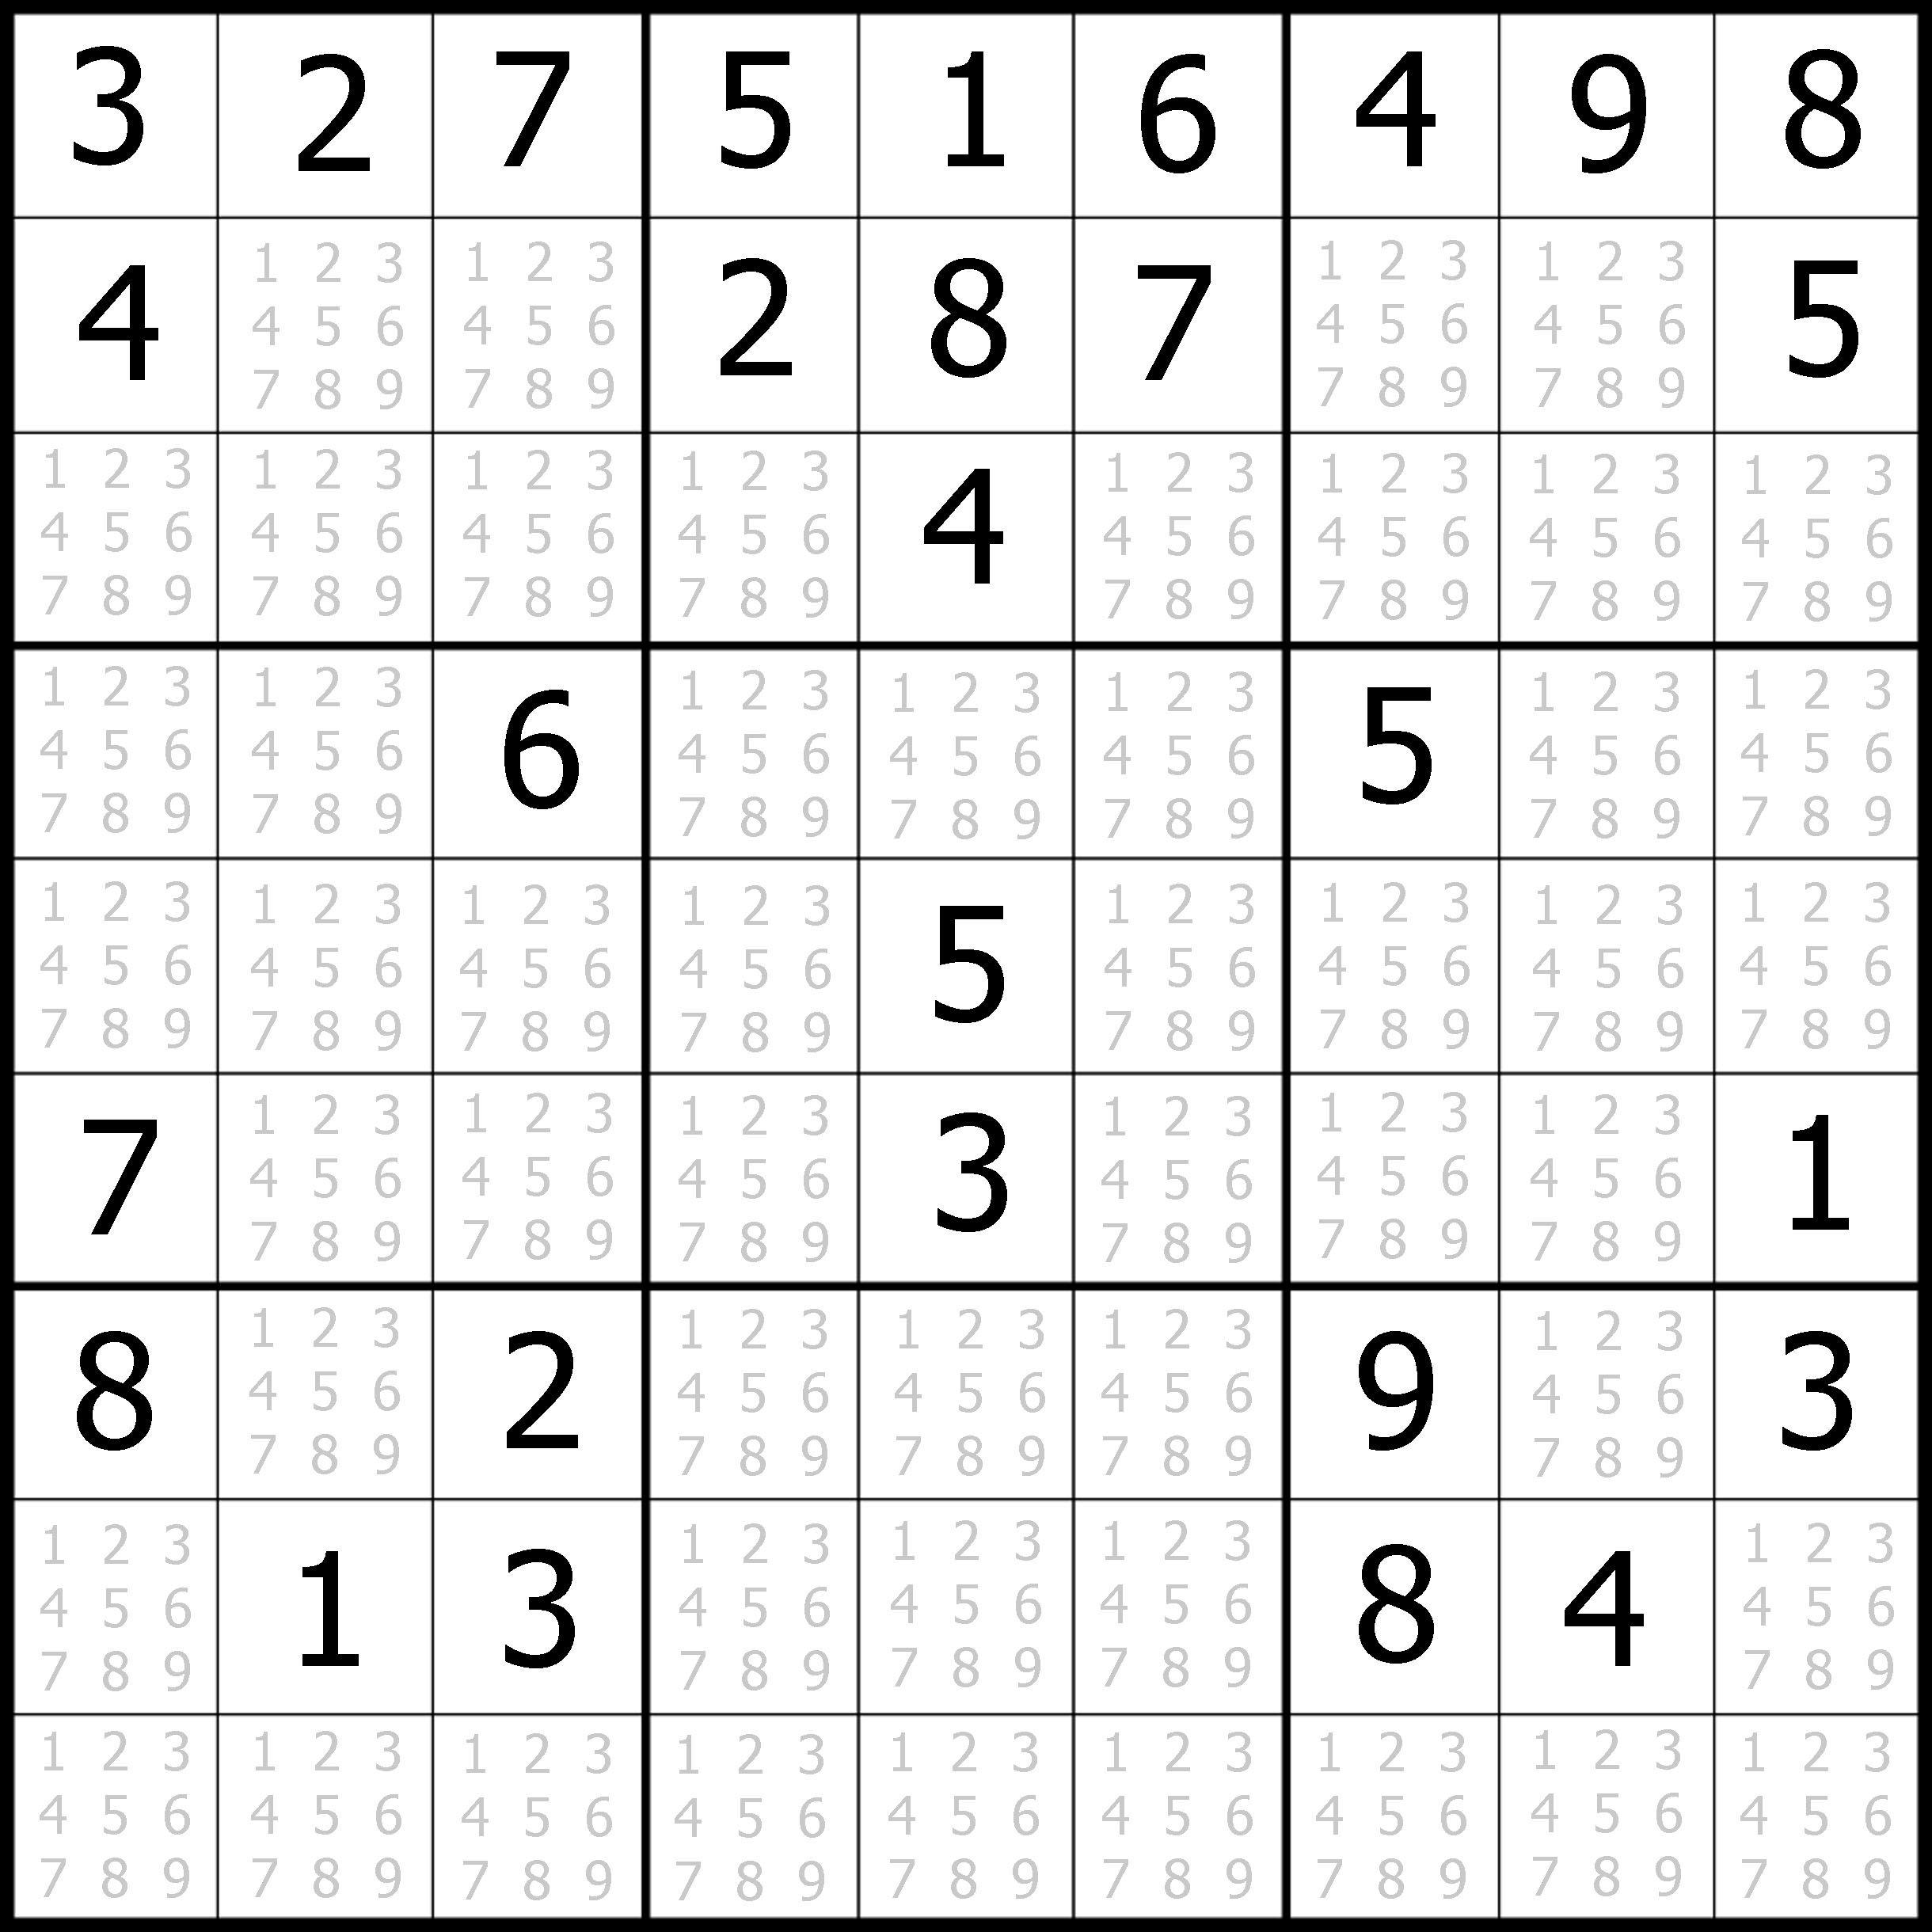 Sudoku Printable   Free, Medium, Printable Sudoku Puzzle #1   My - Printable Sudoku X Puzzles